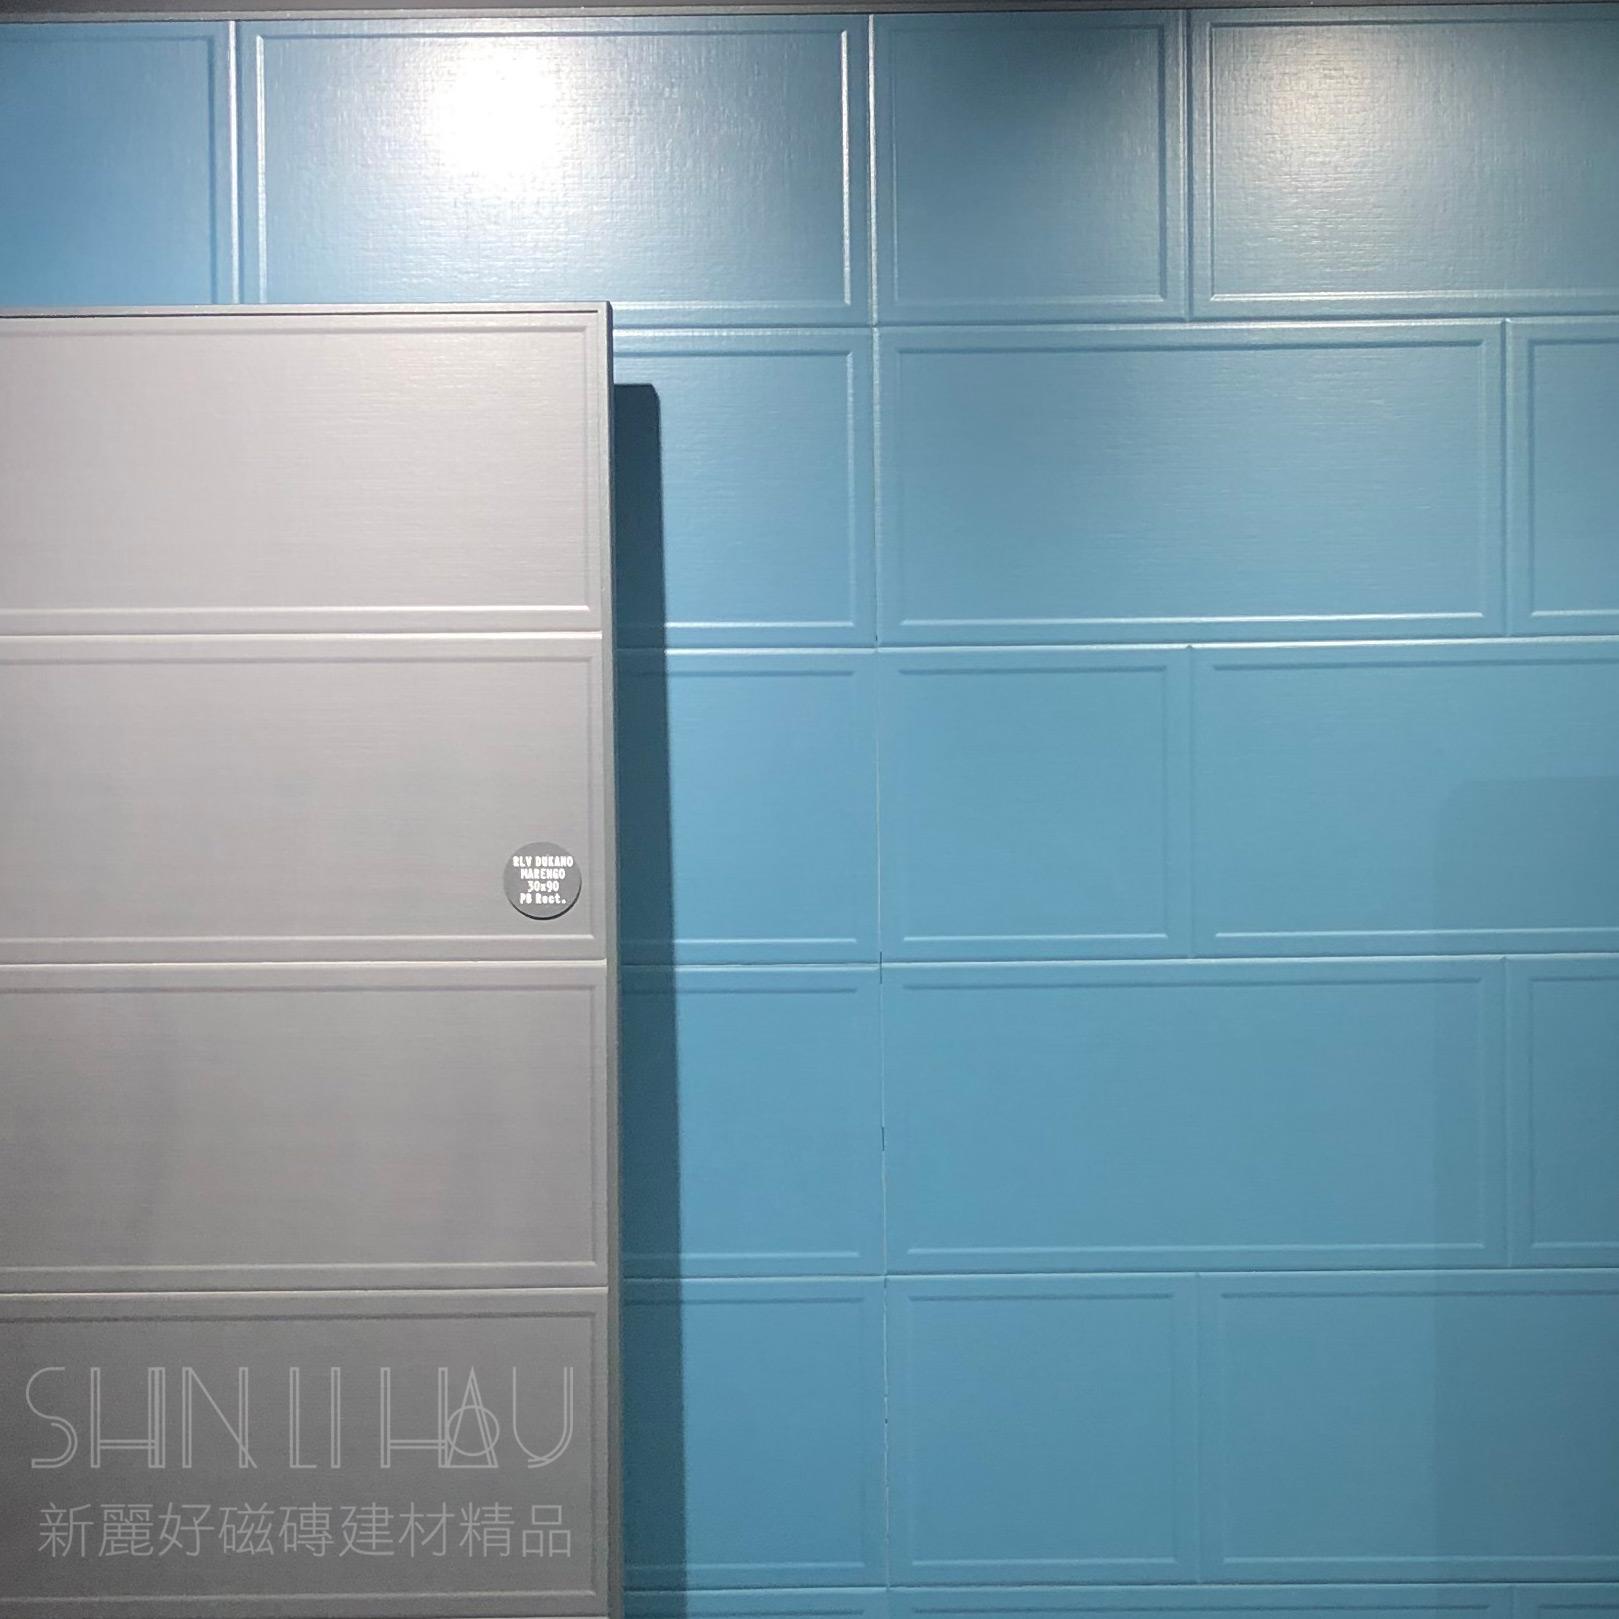 瓷框線板磚 - 藍花